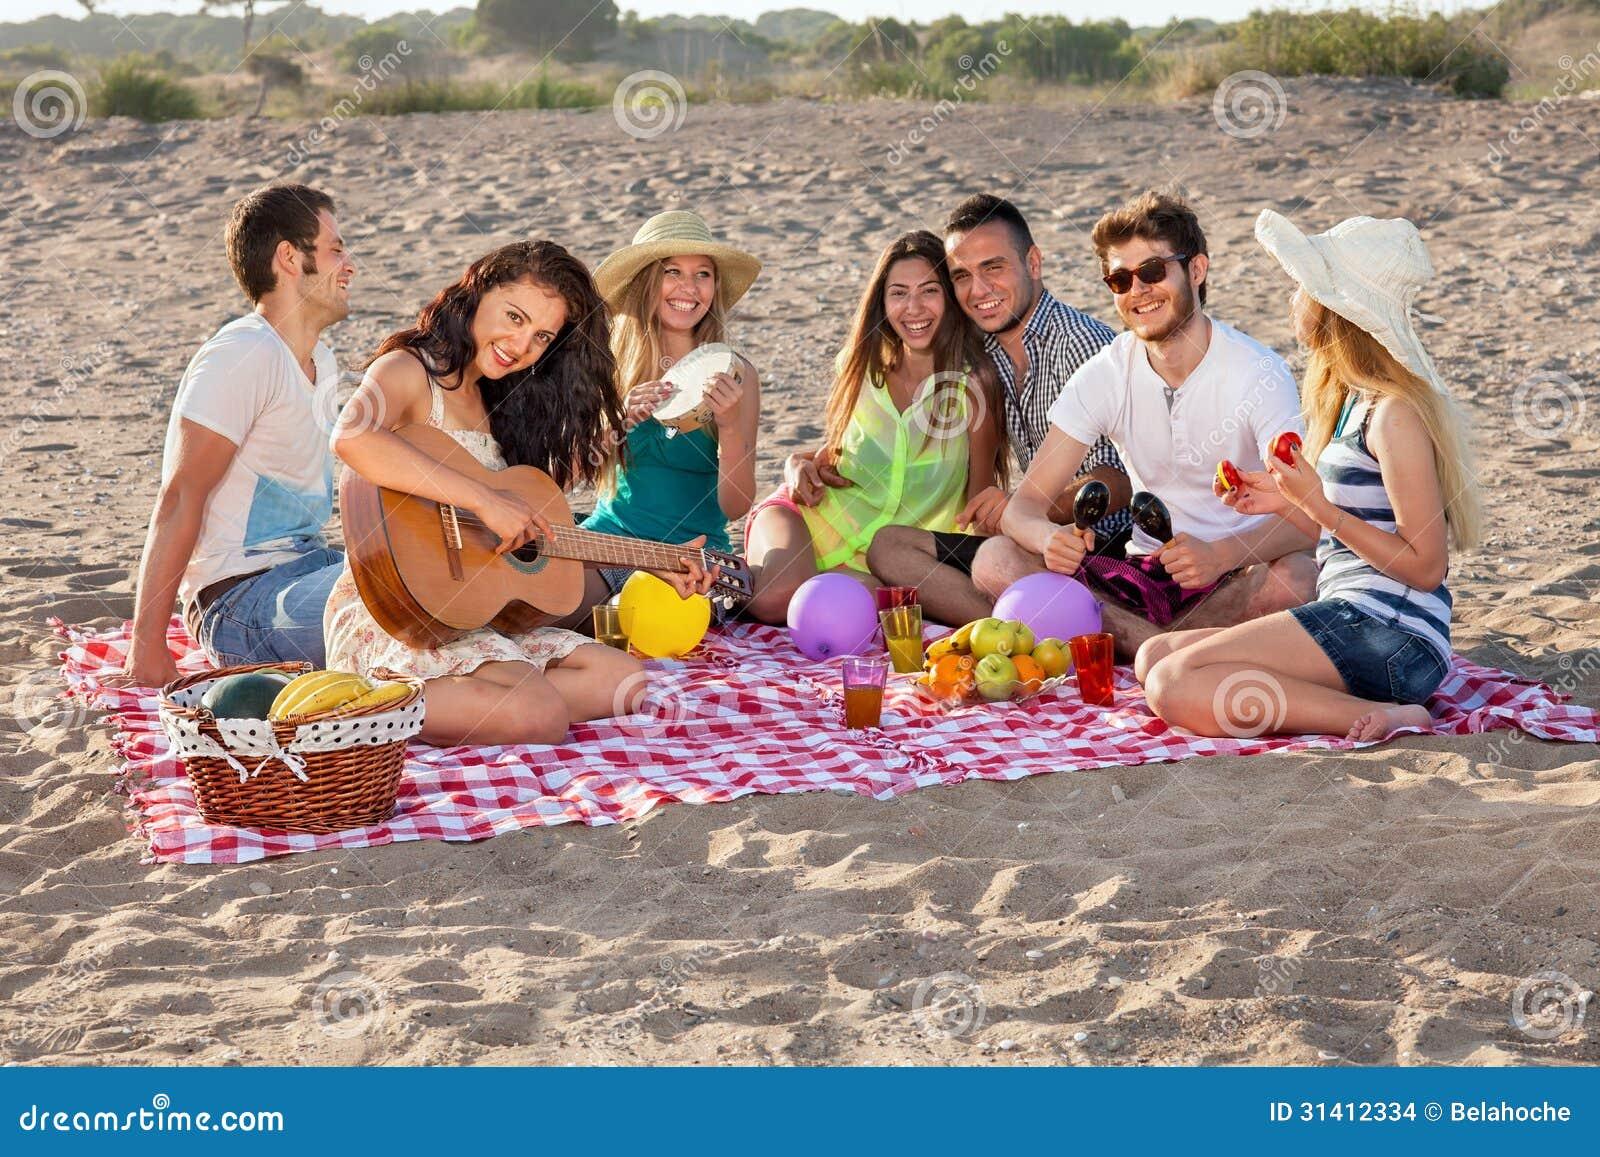 Студенты на пикниках 12 фотография